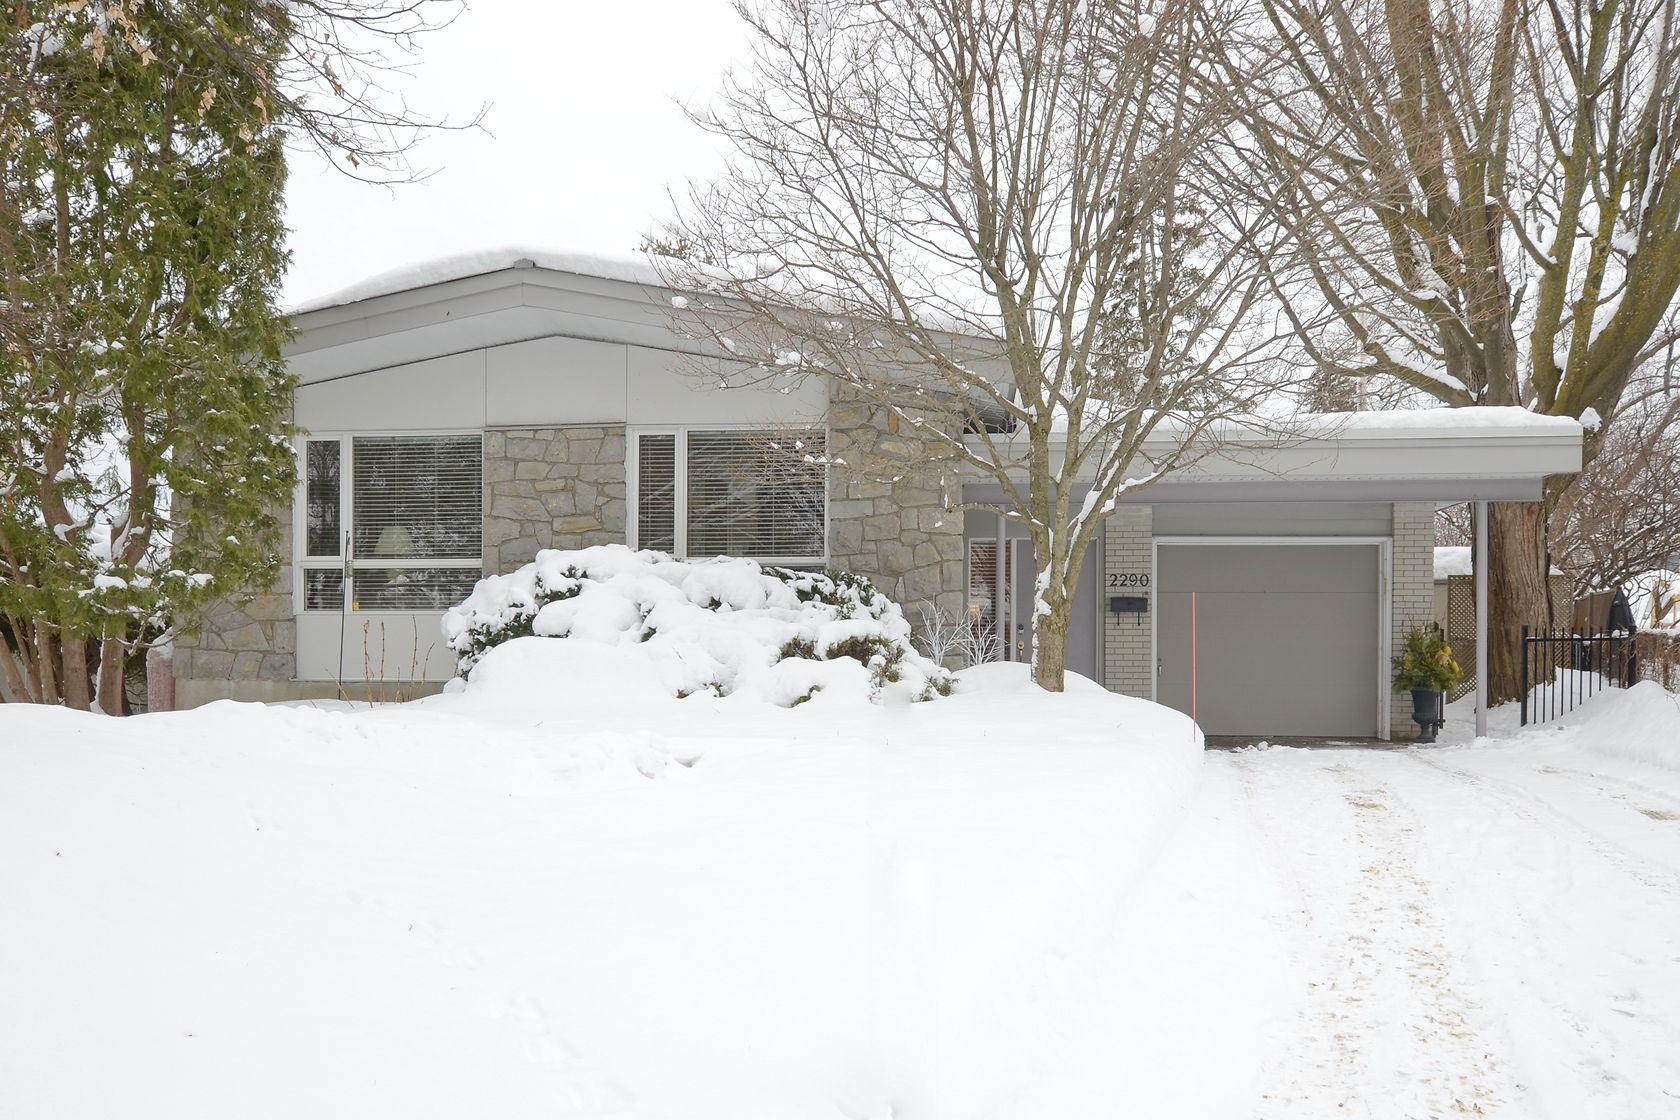 2290 Horton St, Ottawa, Ontario